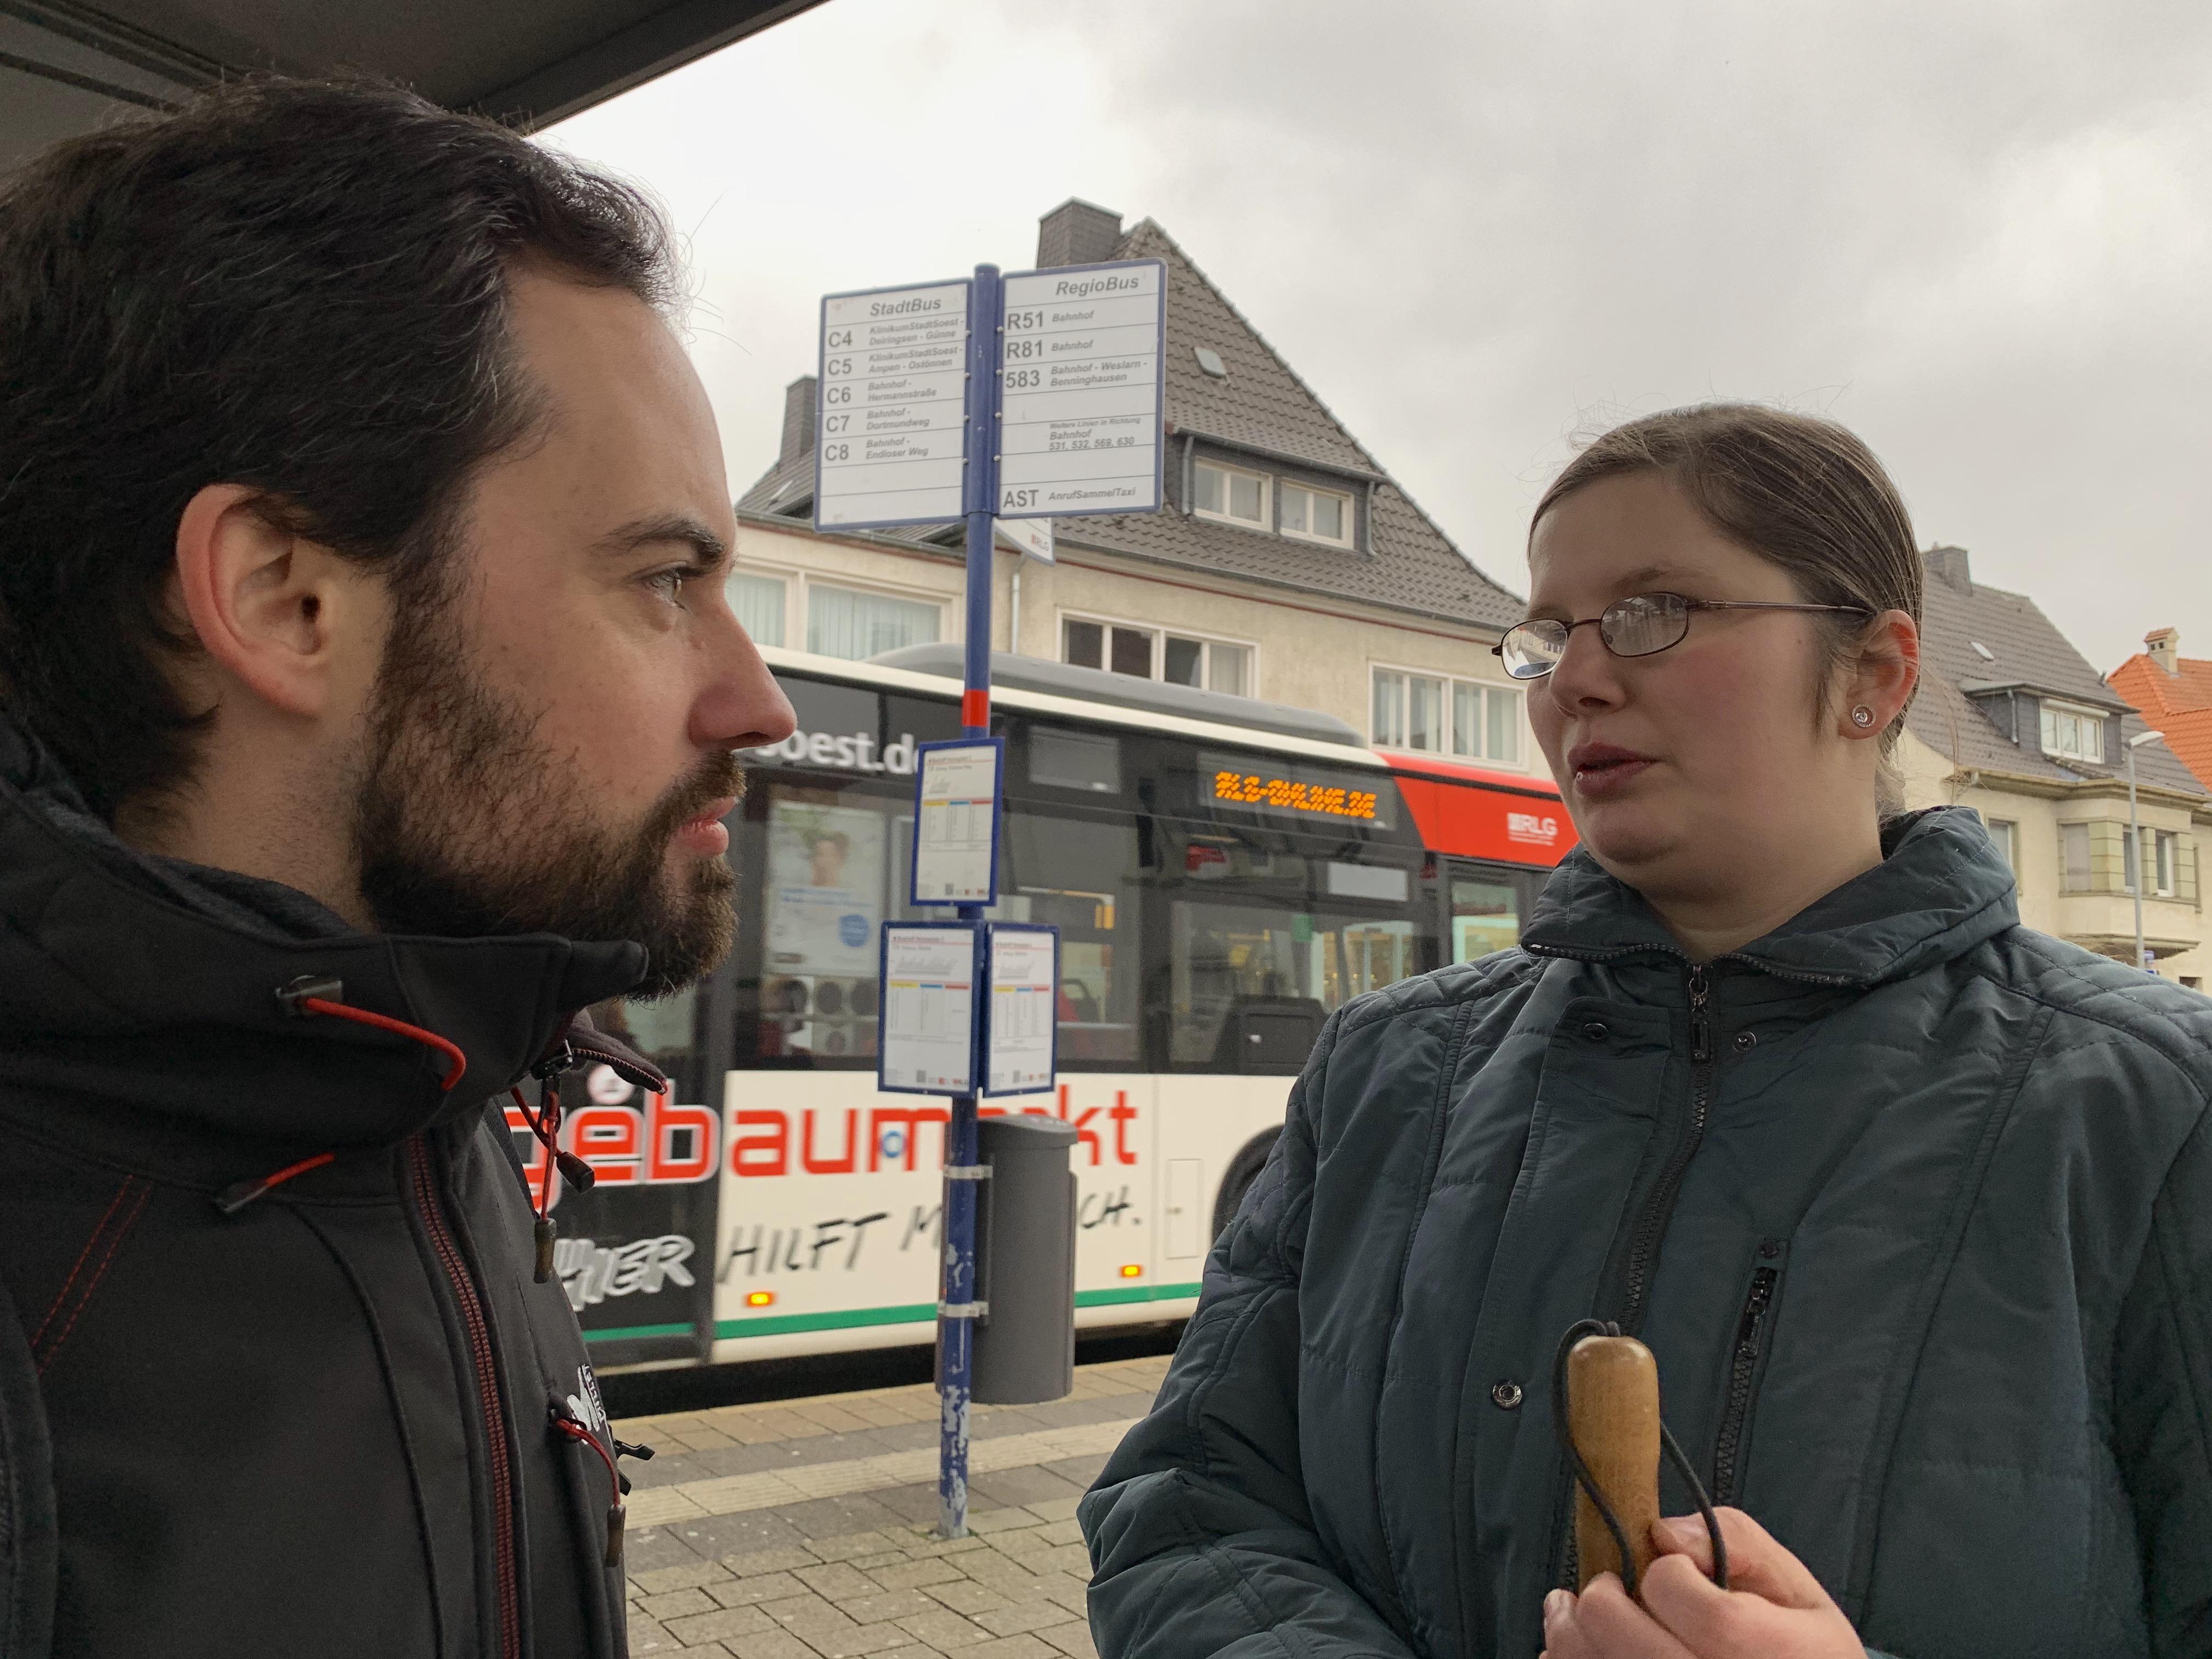 Stephan Siegert und Sarah Spickhofen unterhalten sich in Soest über barrierefreies Fahren.